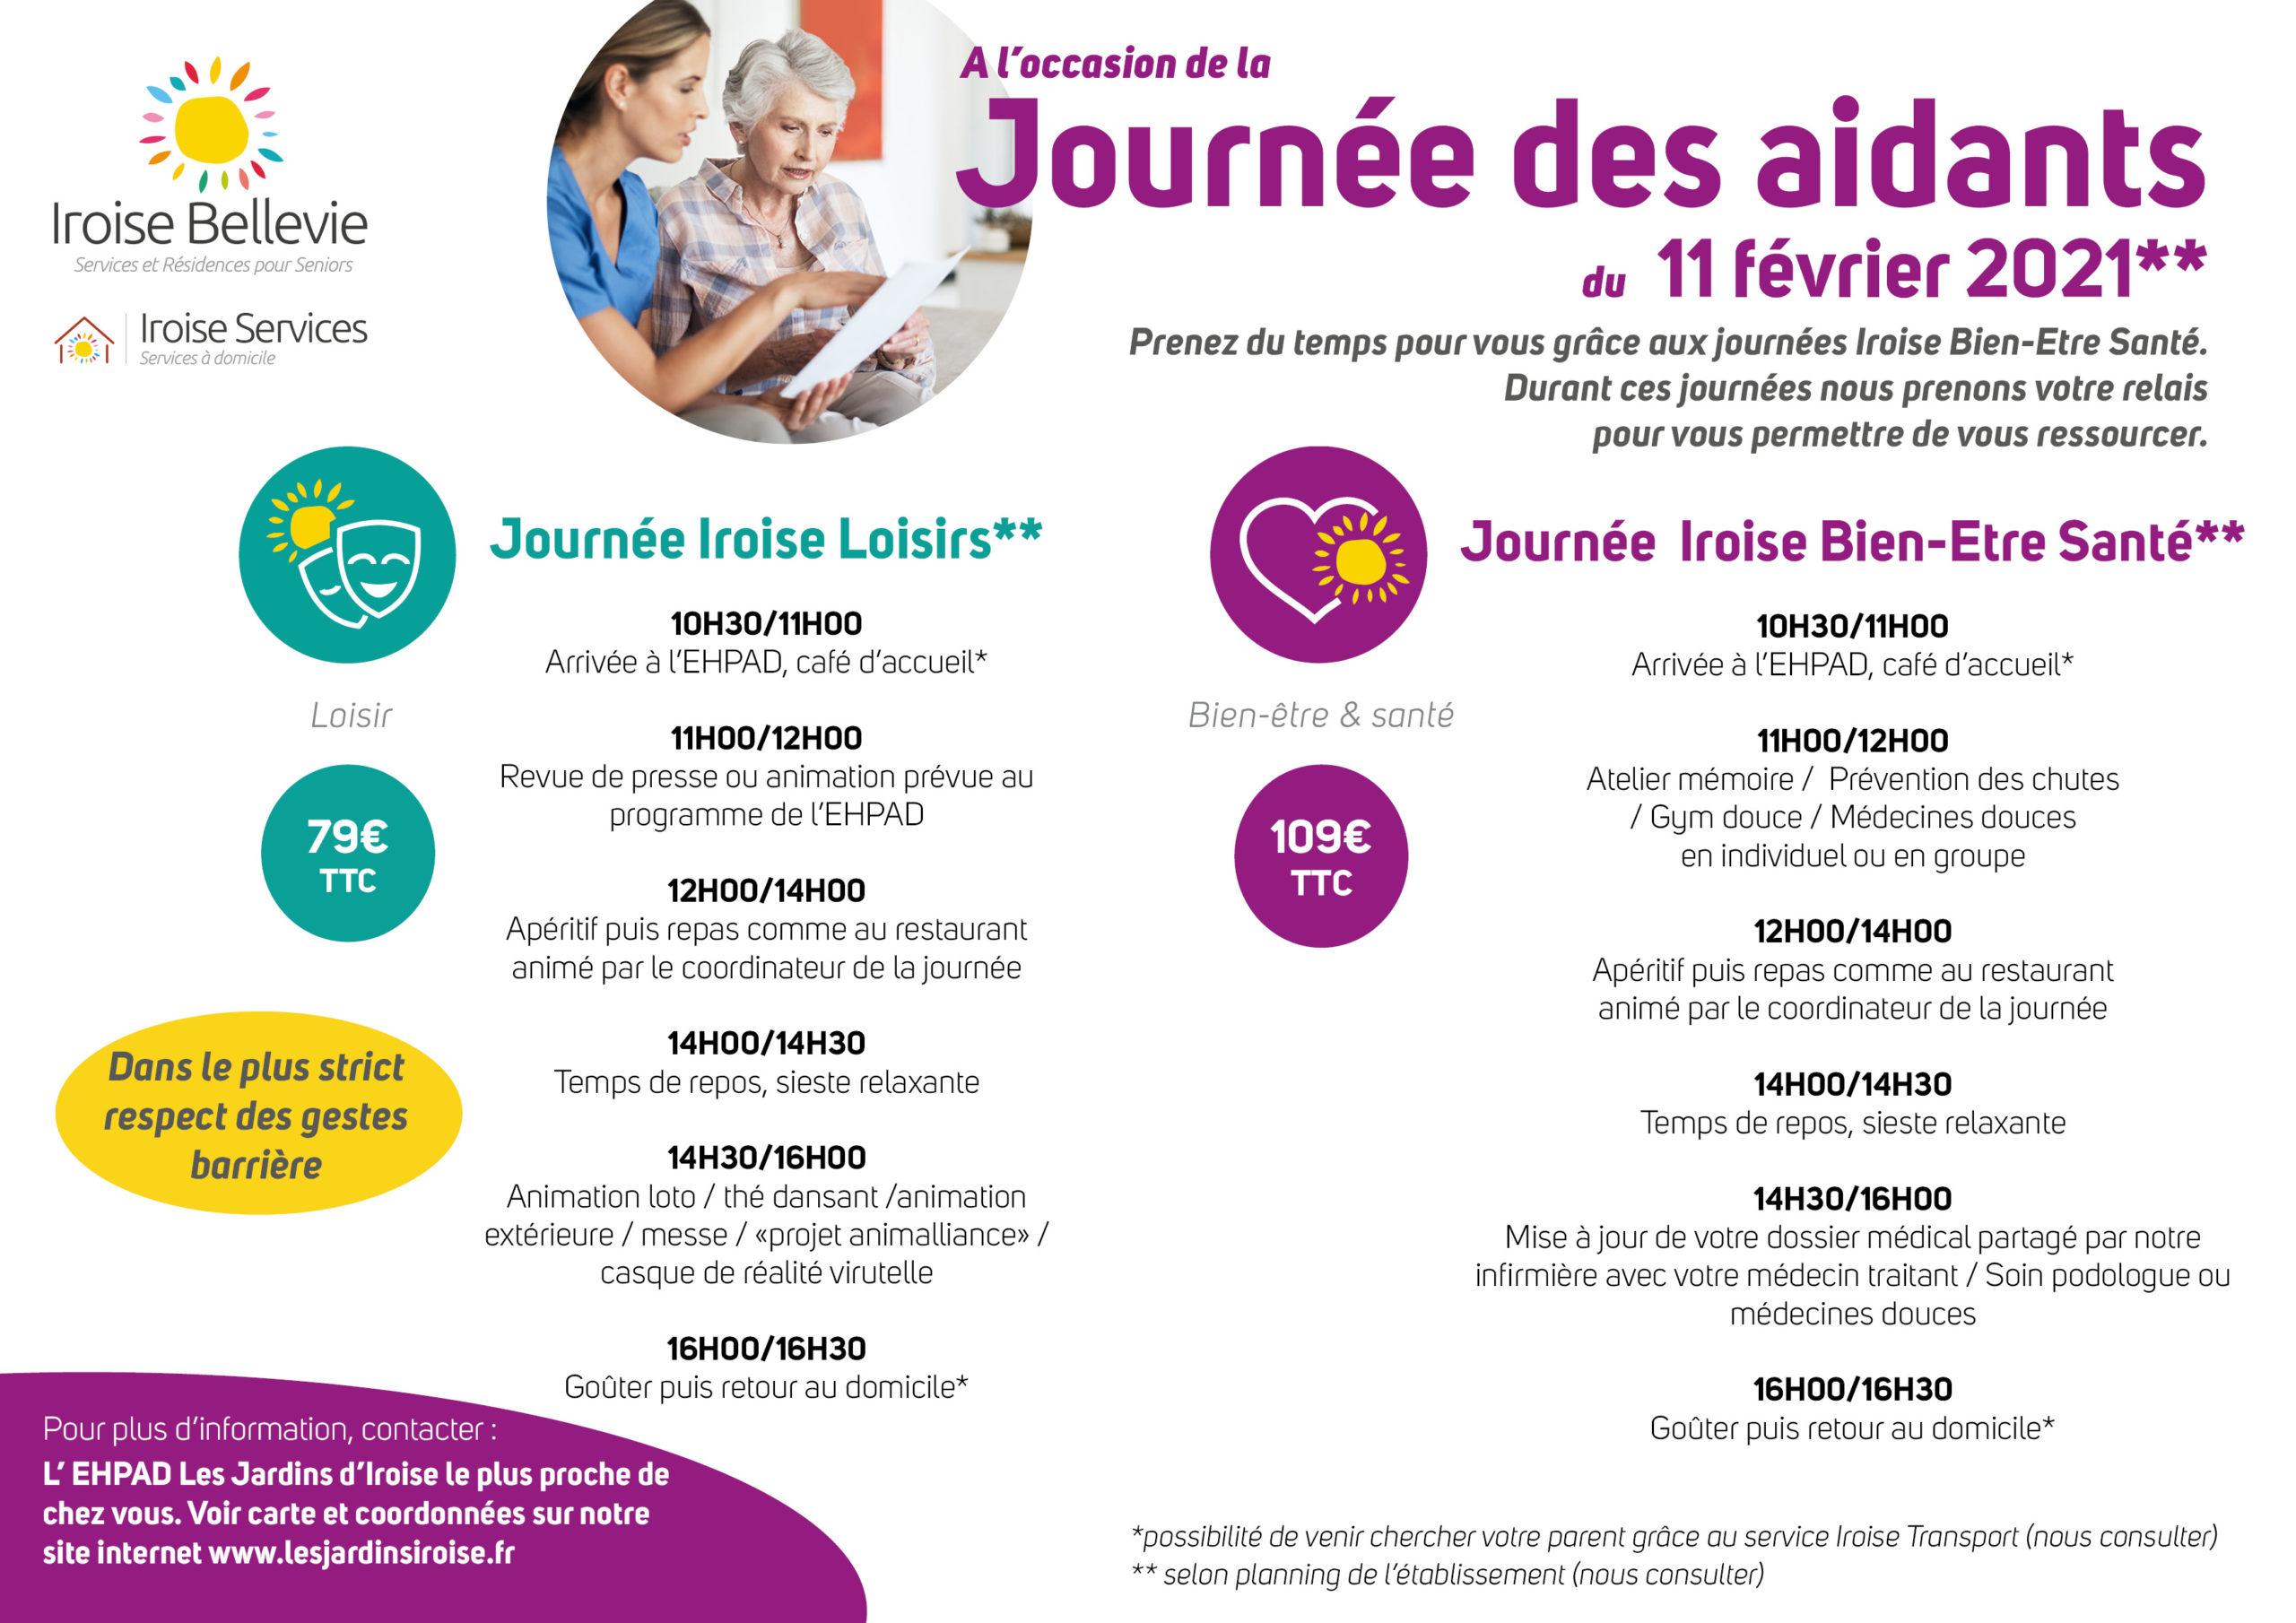 11 février 2021 Journée nationale des aidants avec Les maisons de retraite Les Jardins d'Iroise